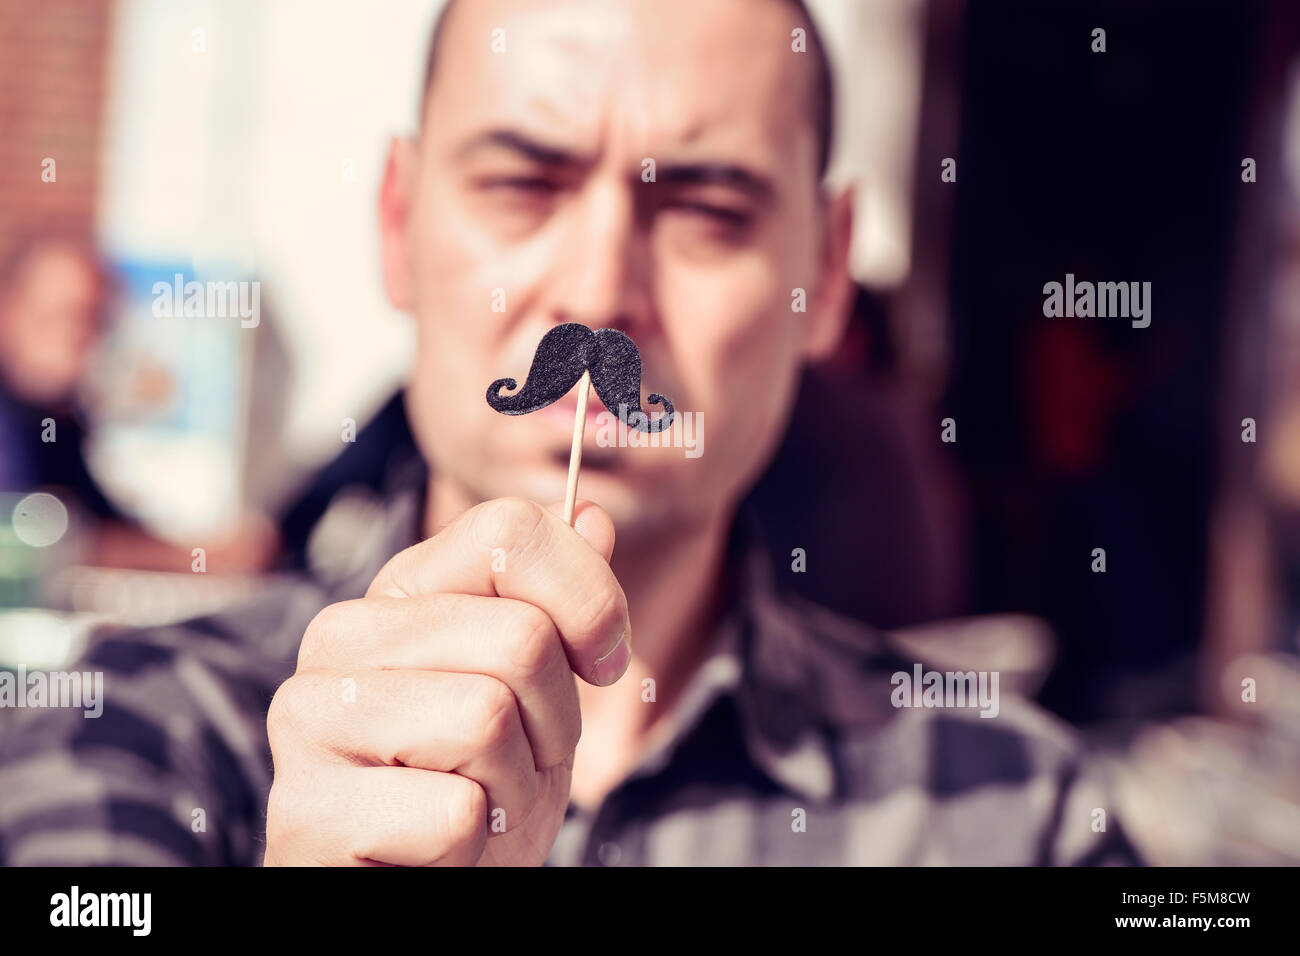 Un joven hombre caucásico sosteniendo un bigote falso en un palo delante de su rostro Imagen De Stock